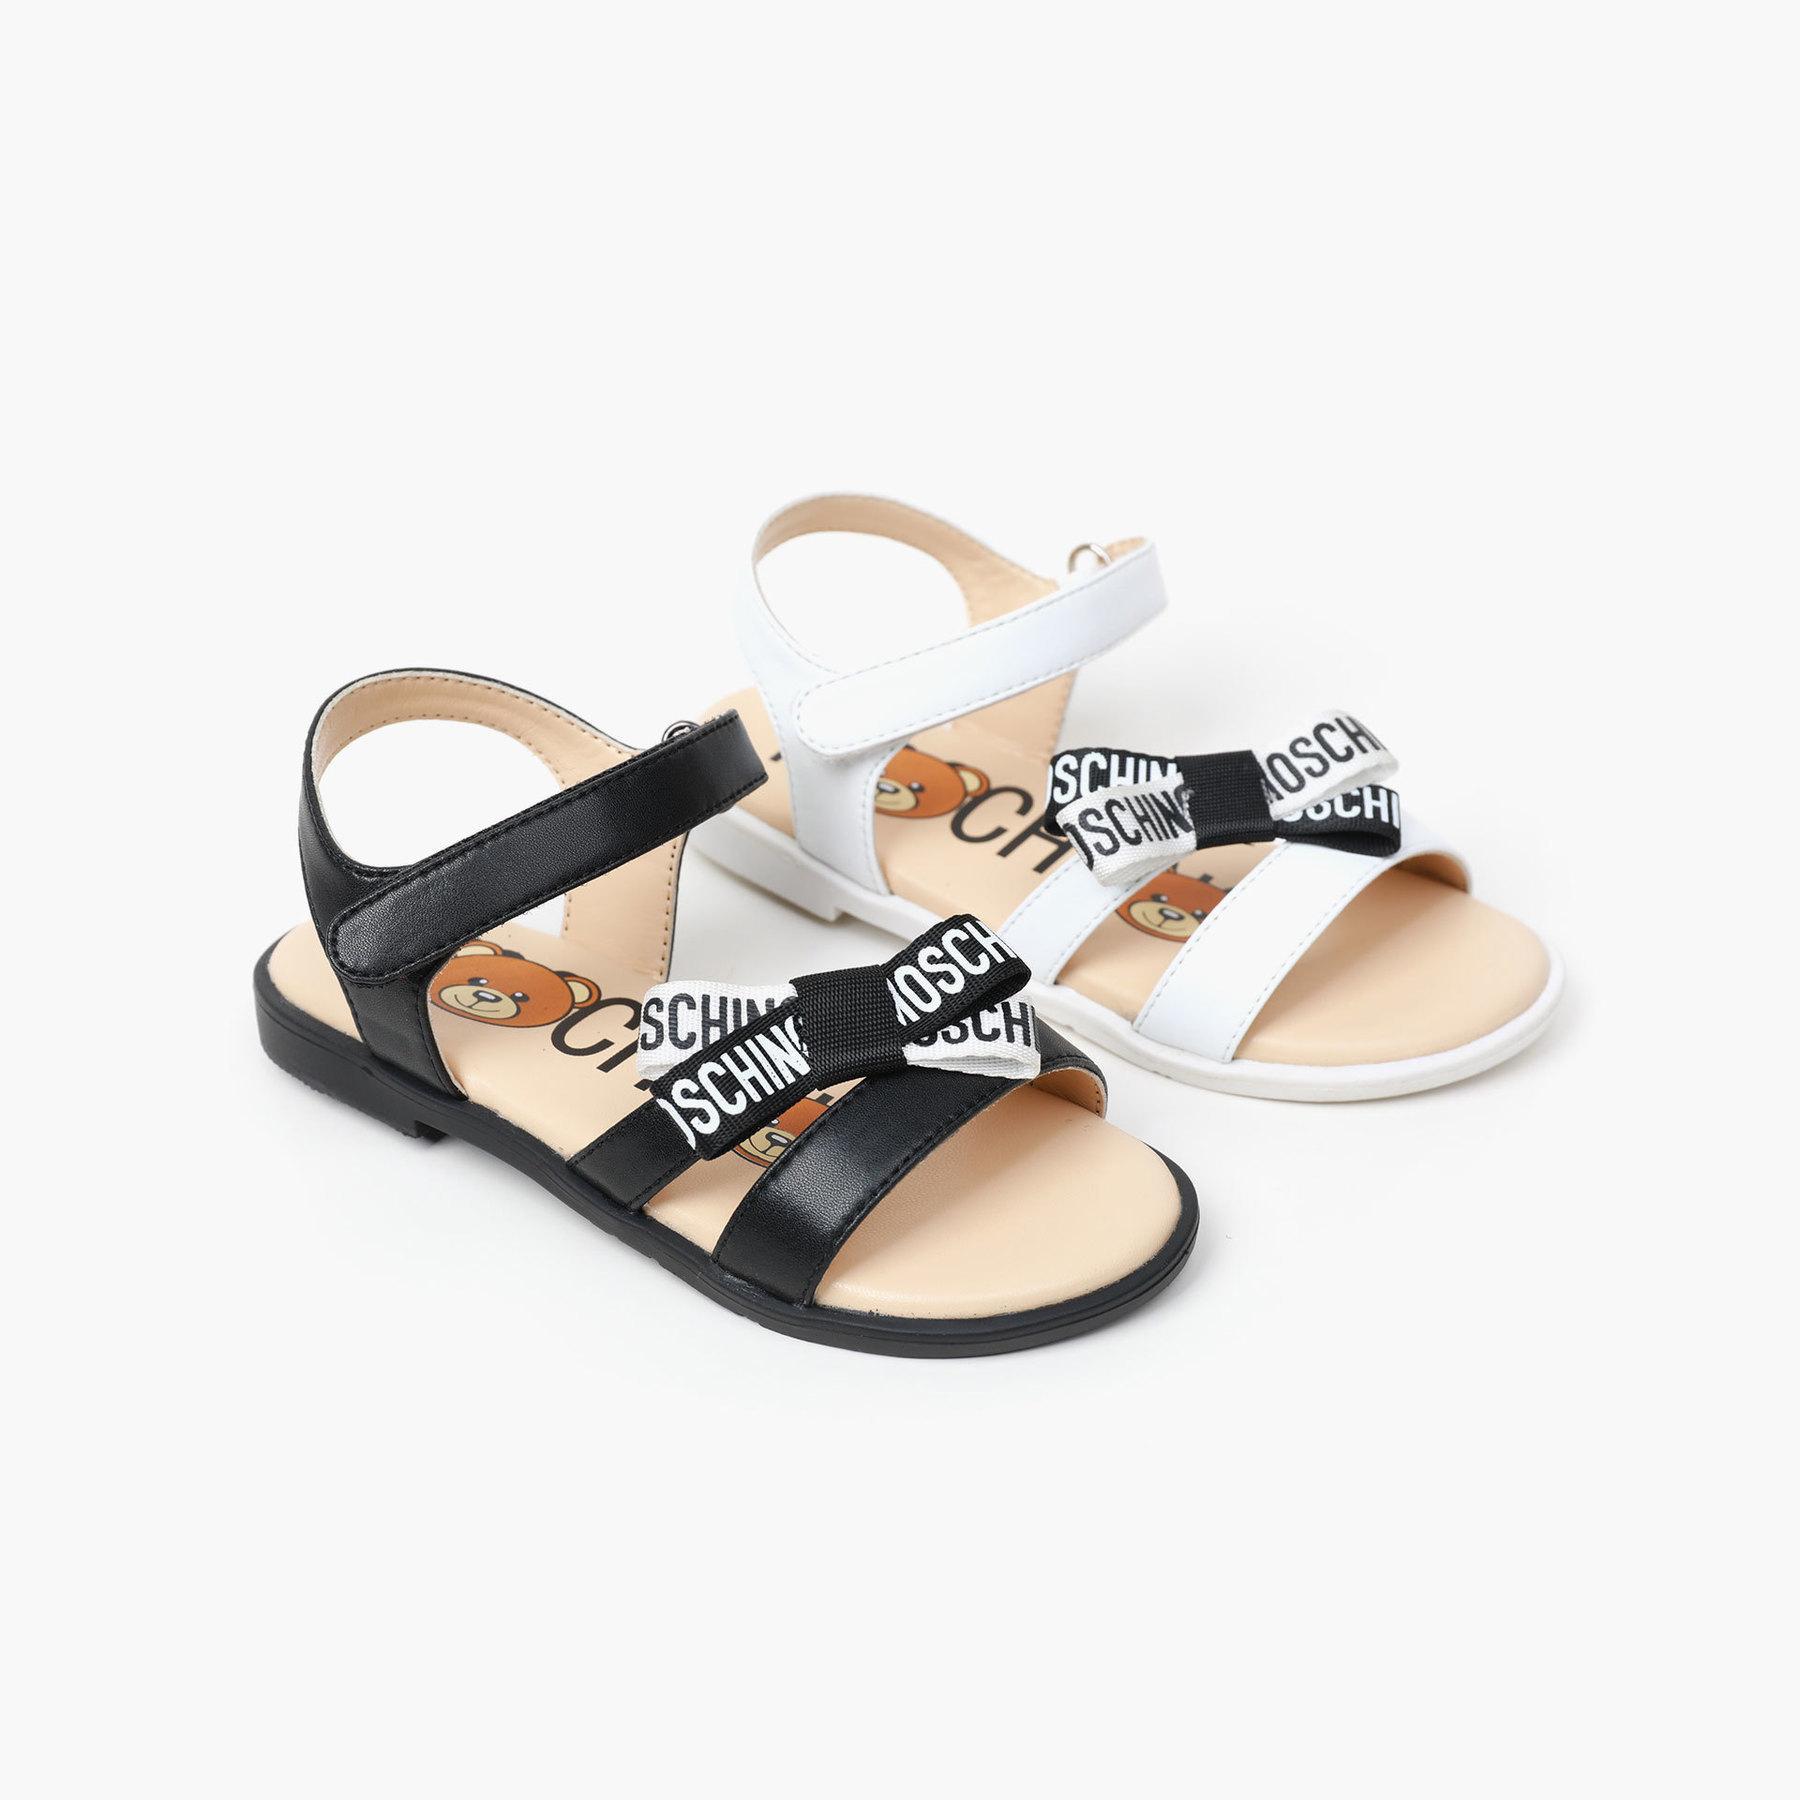 مصمم أحذية الأطفال الصنادل الأطفال أحذية فتاة الربيع الجديد سرد الأزياء المفضلة الجملة أفضل بيع الطراز الحديث K147 1JPC